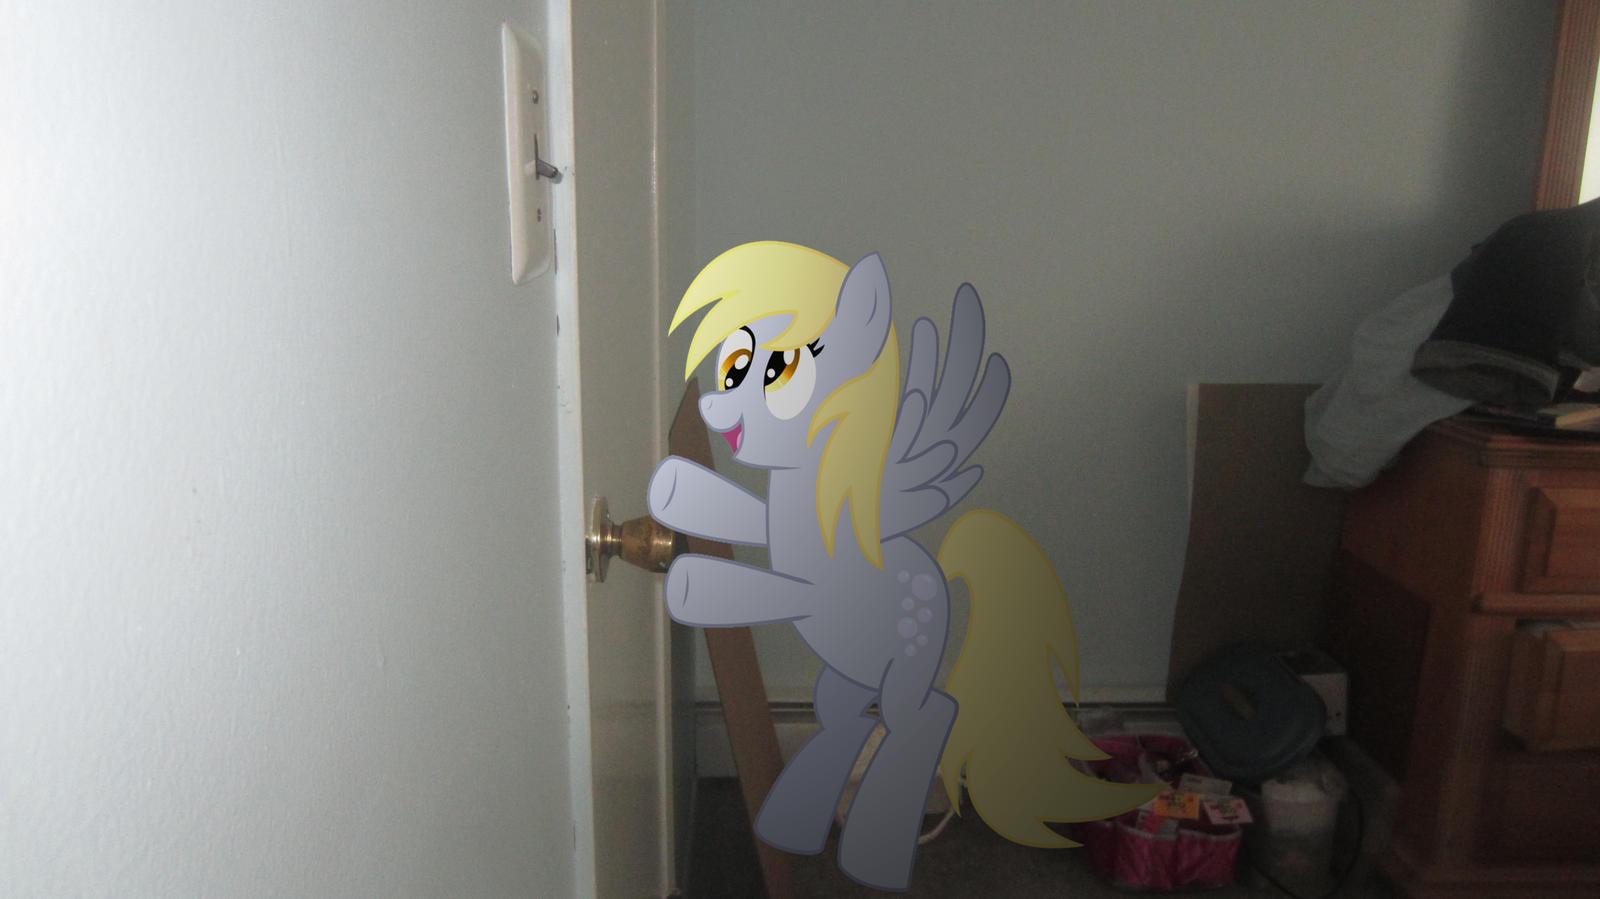 The door is locked Derpy by MetalGriffen69. The door is locked Derpy by MetalGriffen69 on DeviantArt